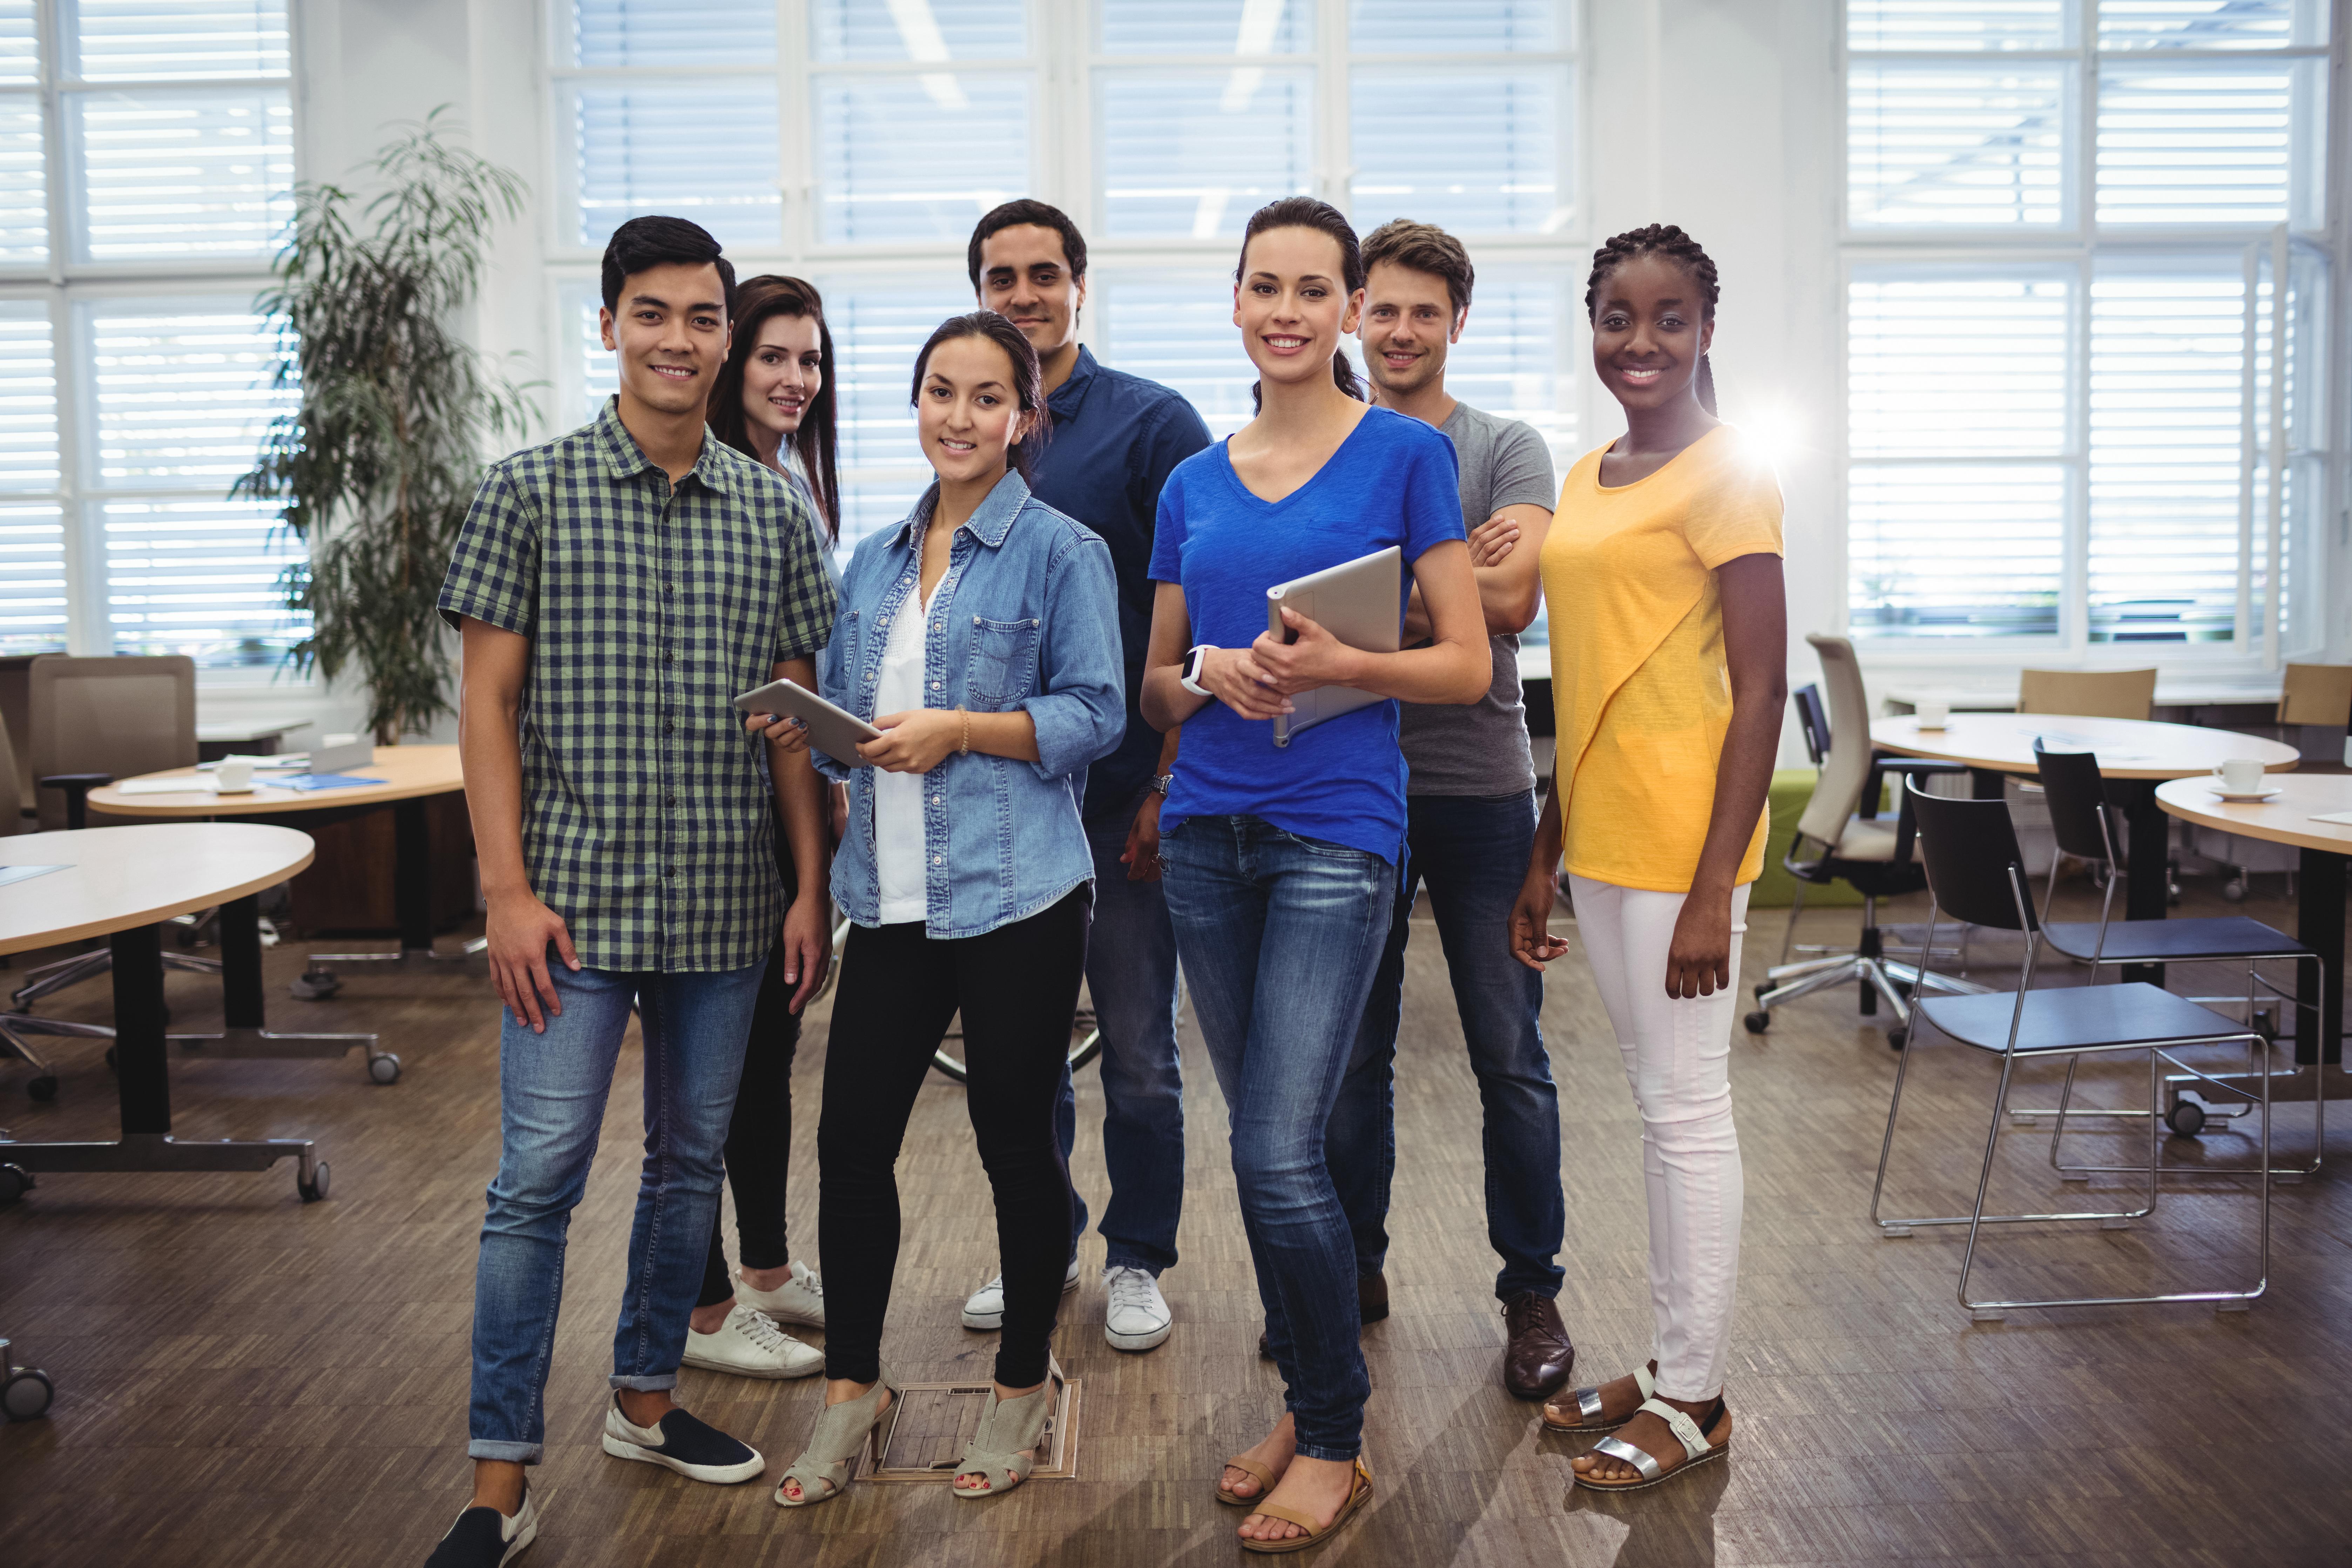 O poder da inclusão: a diversidade como vantagem competitiva